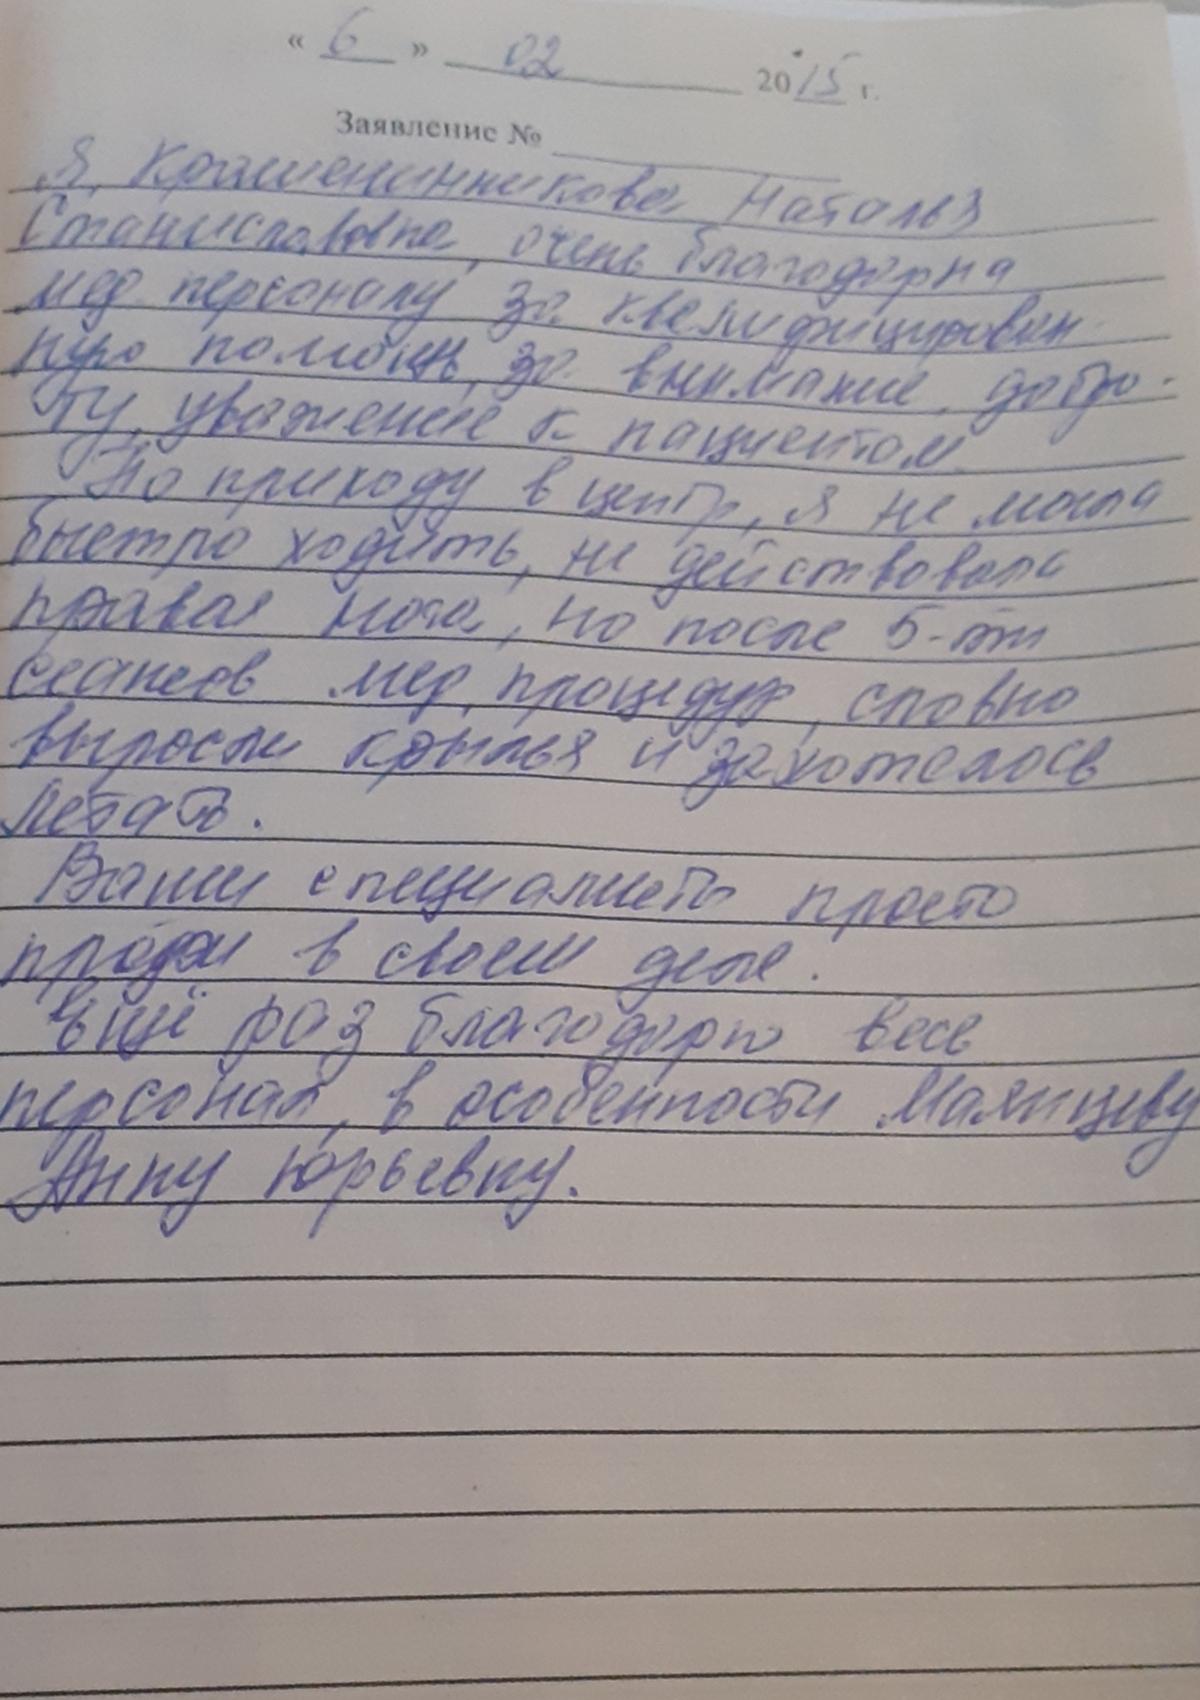 Кожевникова Н.С.